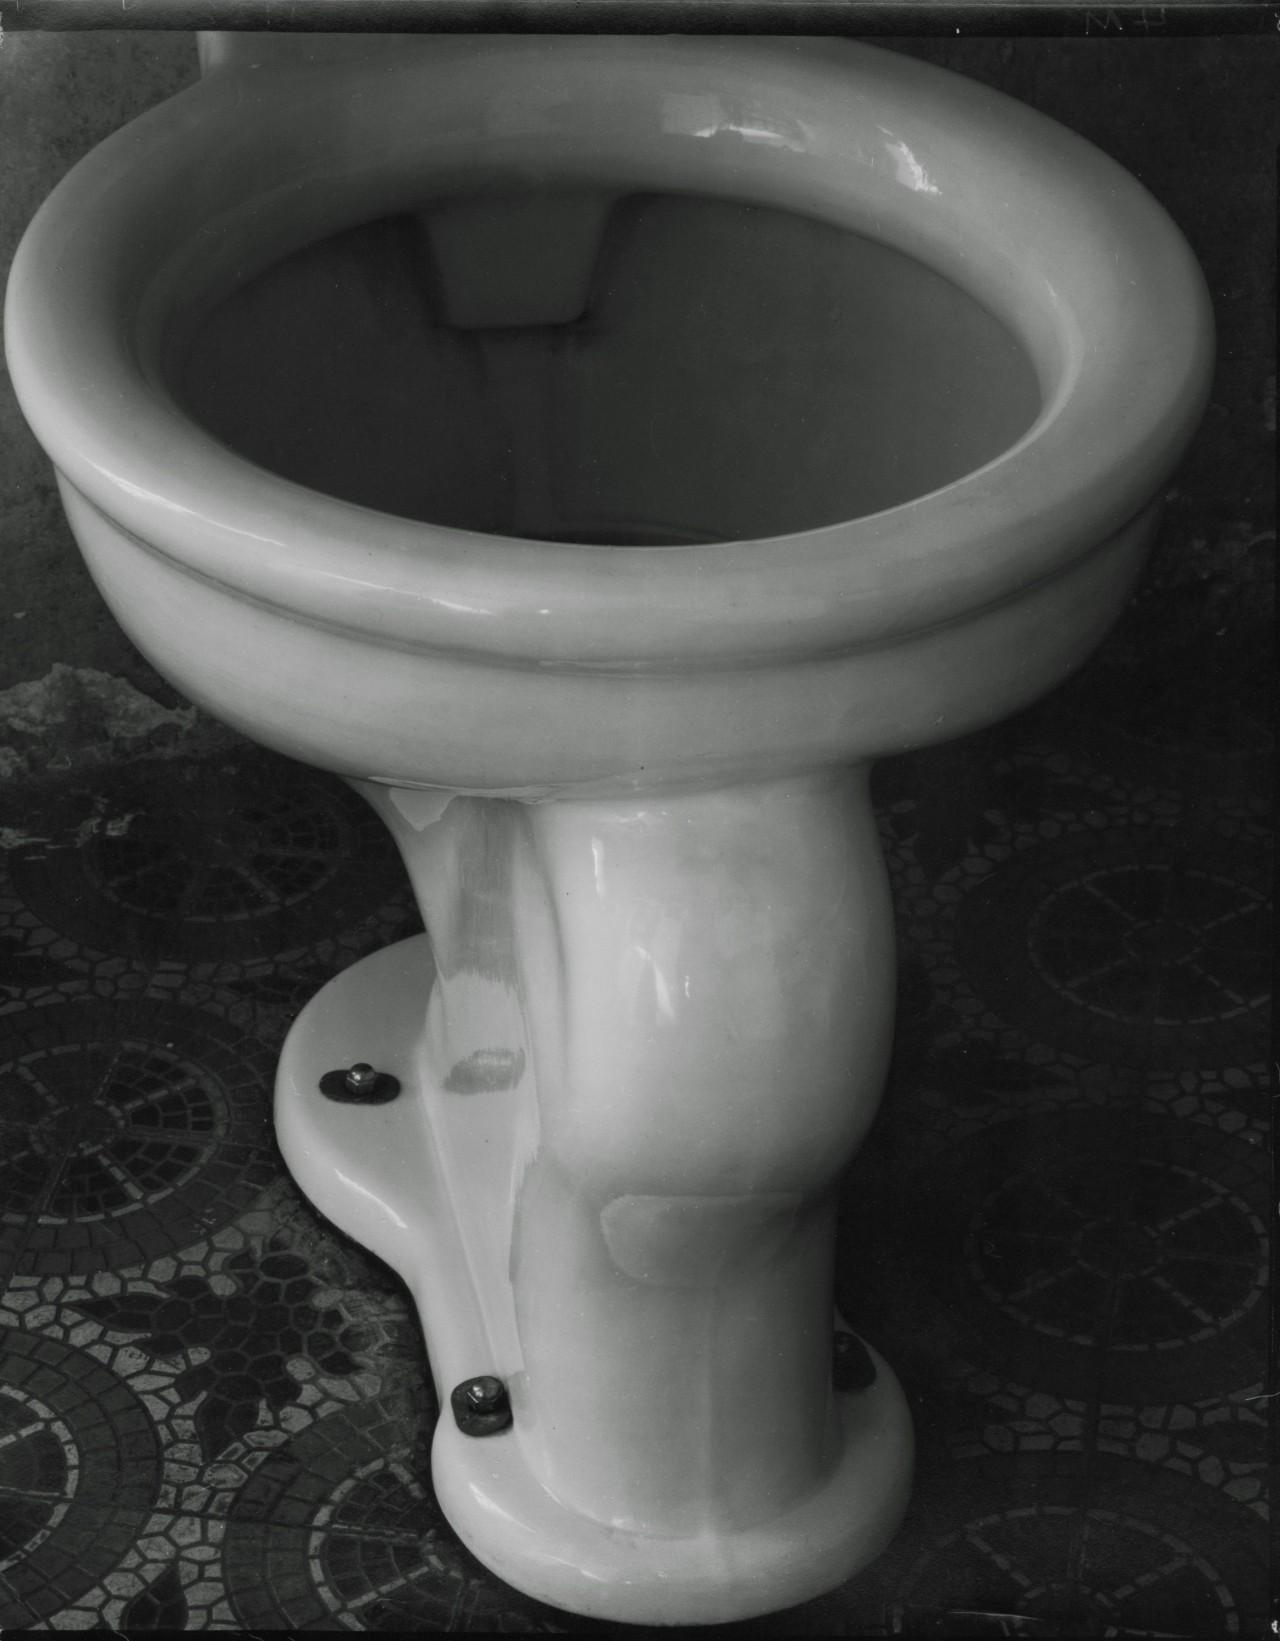 Туалет, 1925. Фотограф Эдвард Уэстон